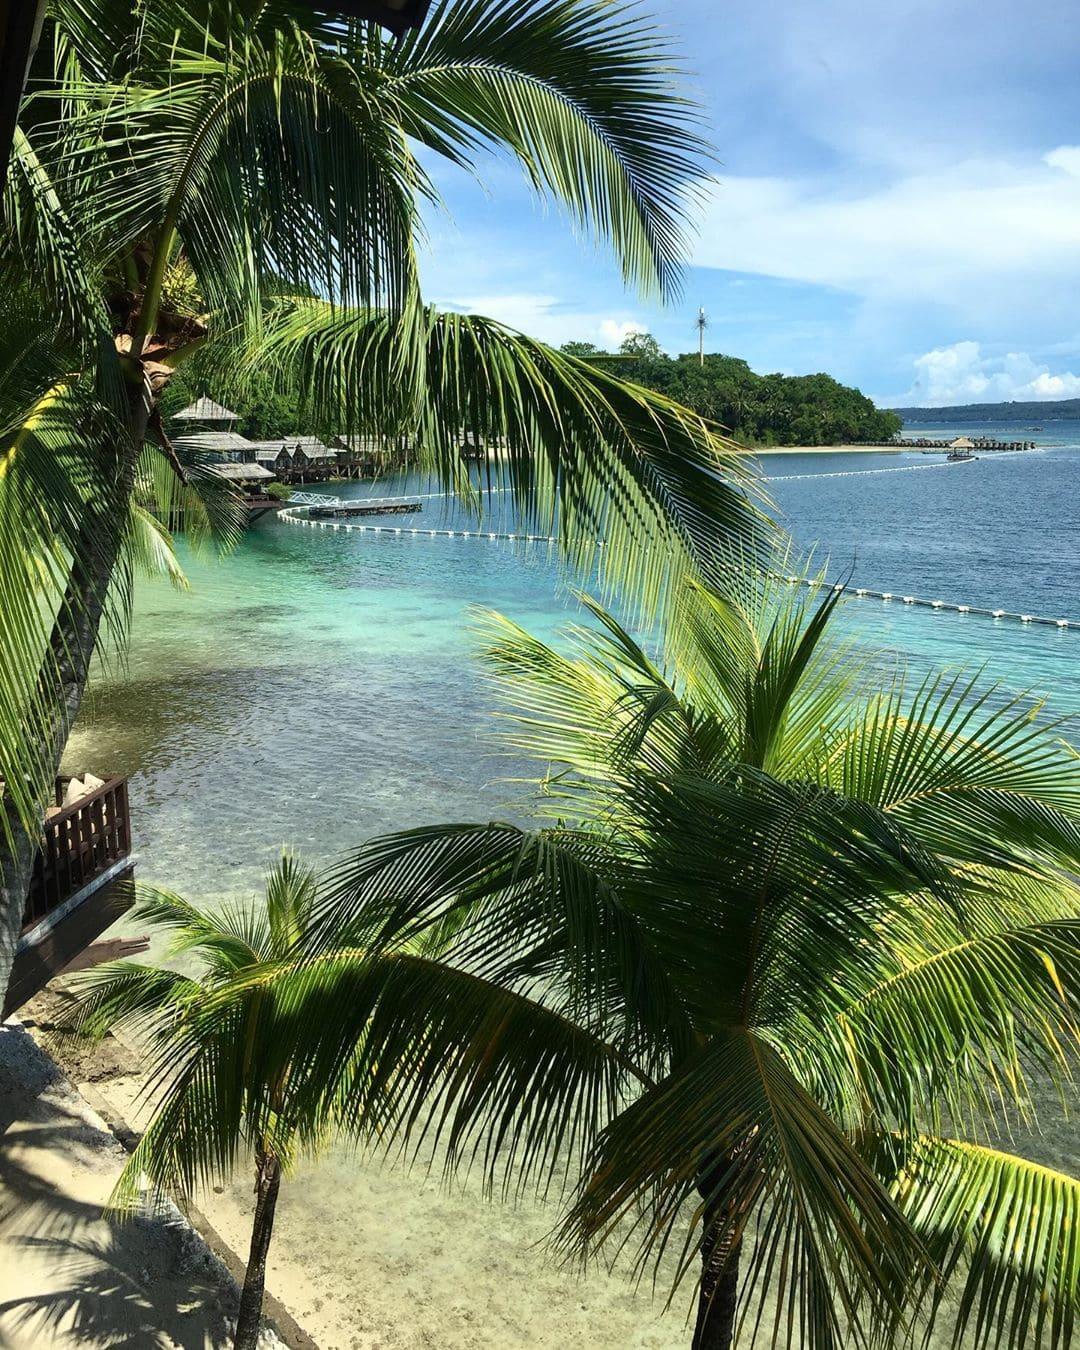 @marie.worldwild erkundet gerade für uns @qatarairways neues Ziel auf den Philippinen: Davao. Sie ist ganz angetan von diesem kleinen Paradies – wir sehen warum. #reportervorort #davaotogether #itsmorefuninthephilippines #philippines #mindanao #lifebythebeach #palmtreeseverywhere #passionpassport #traveldeeper #comewithme #davao #oceanlovers #welcometoparadise @qatarairways